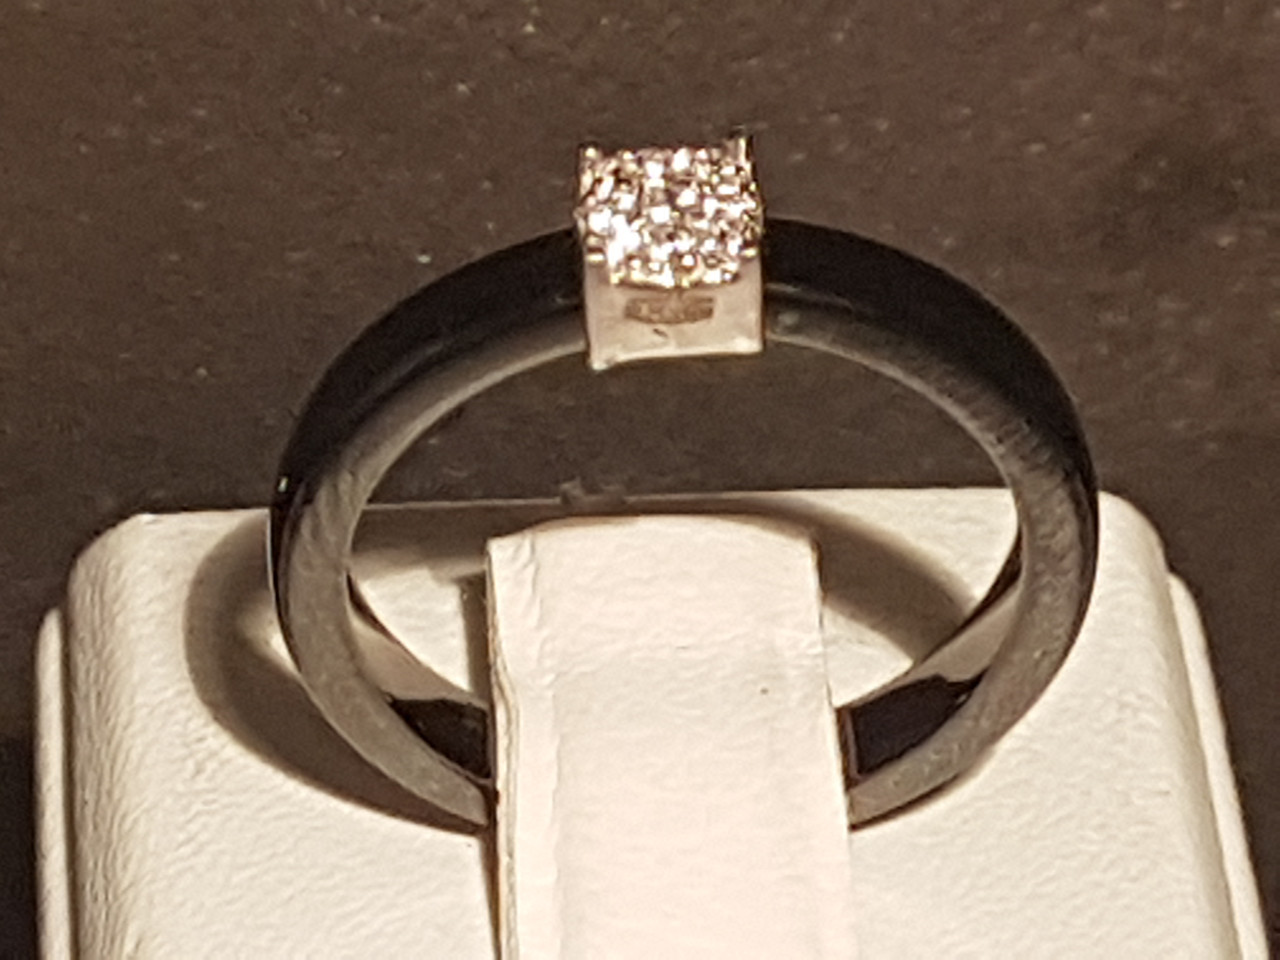 Серебряное кольцо с керамикой и фианитами. Артикул К2ФК/1013-3 17,4